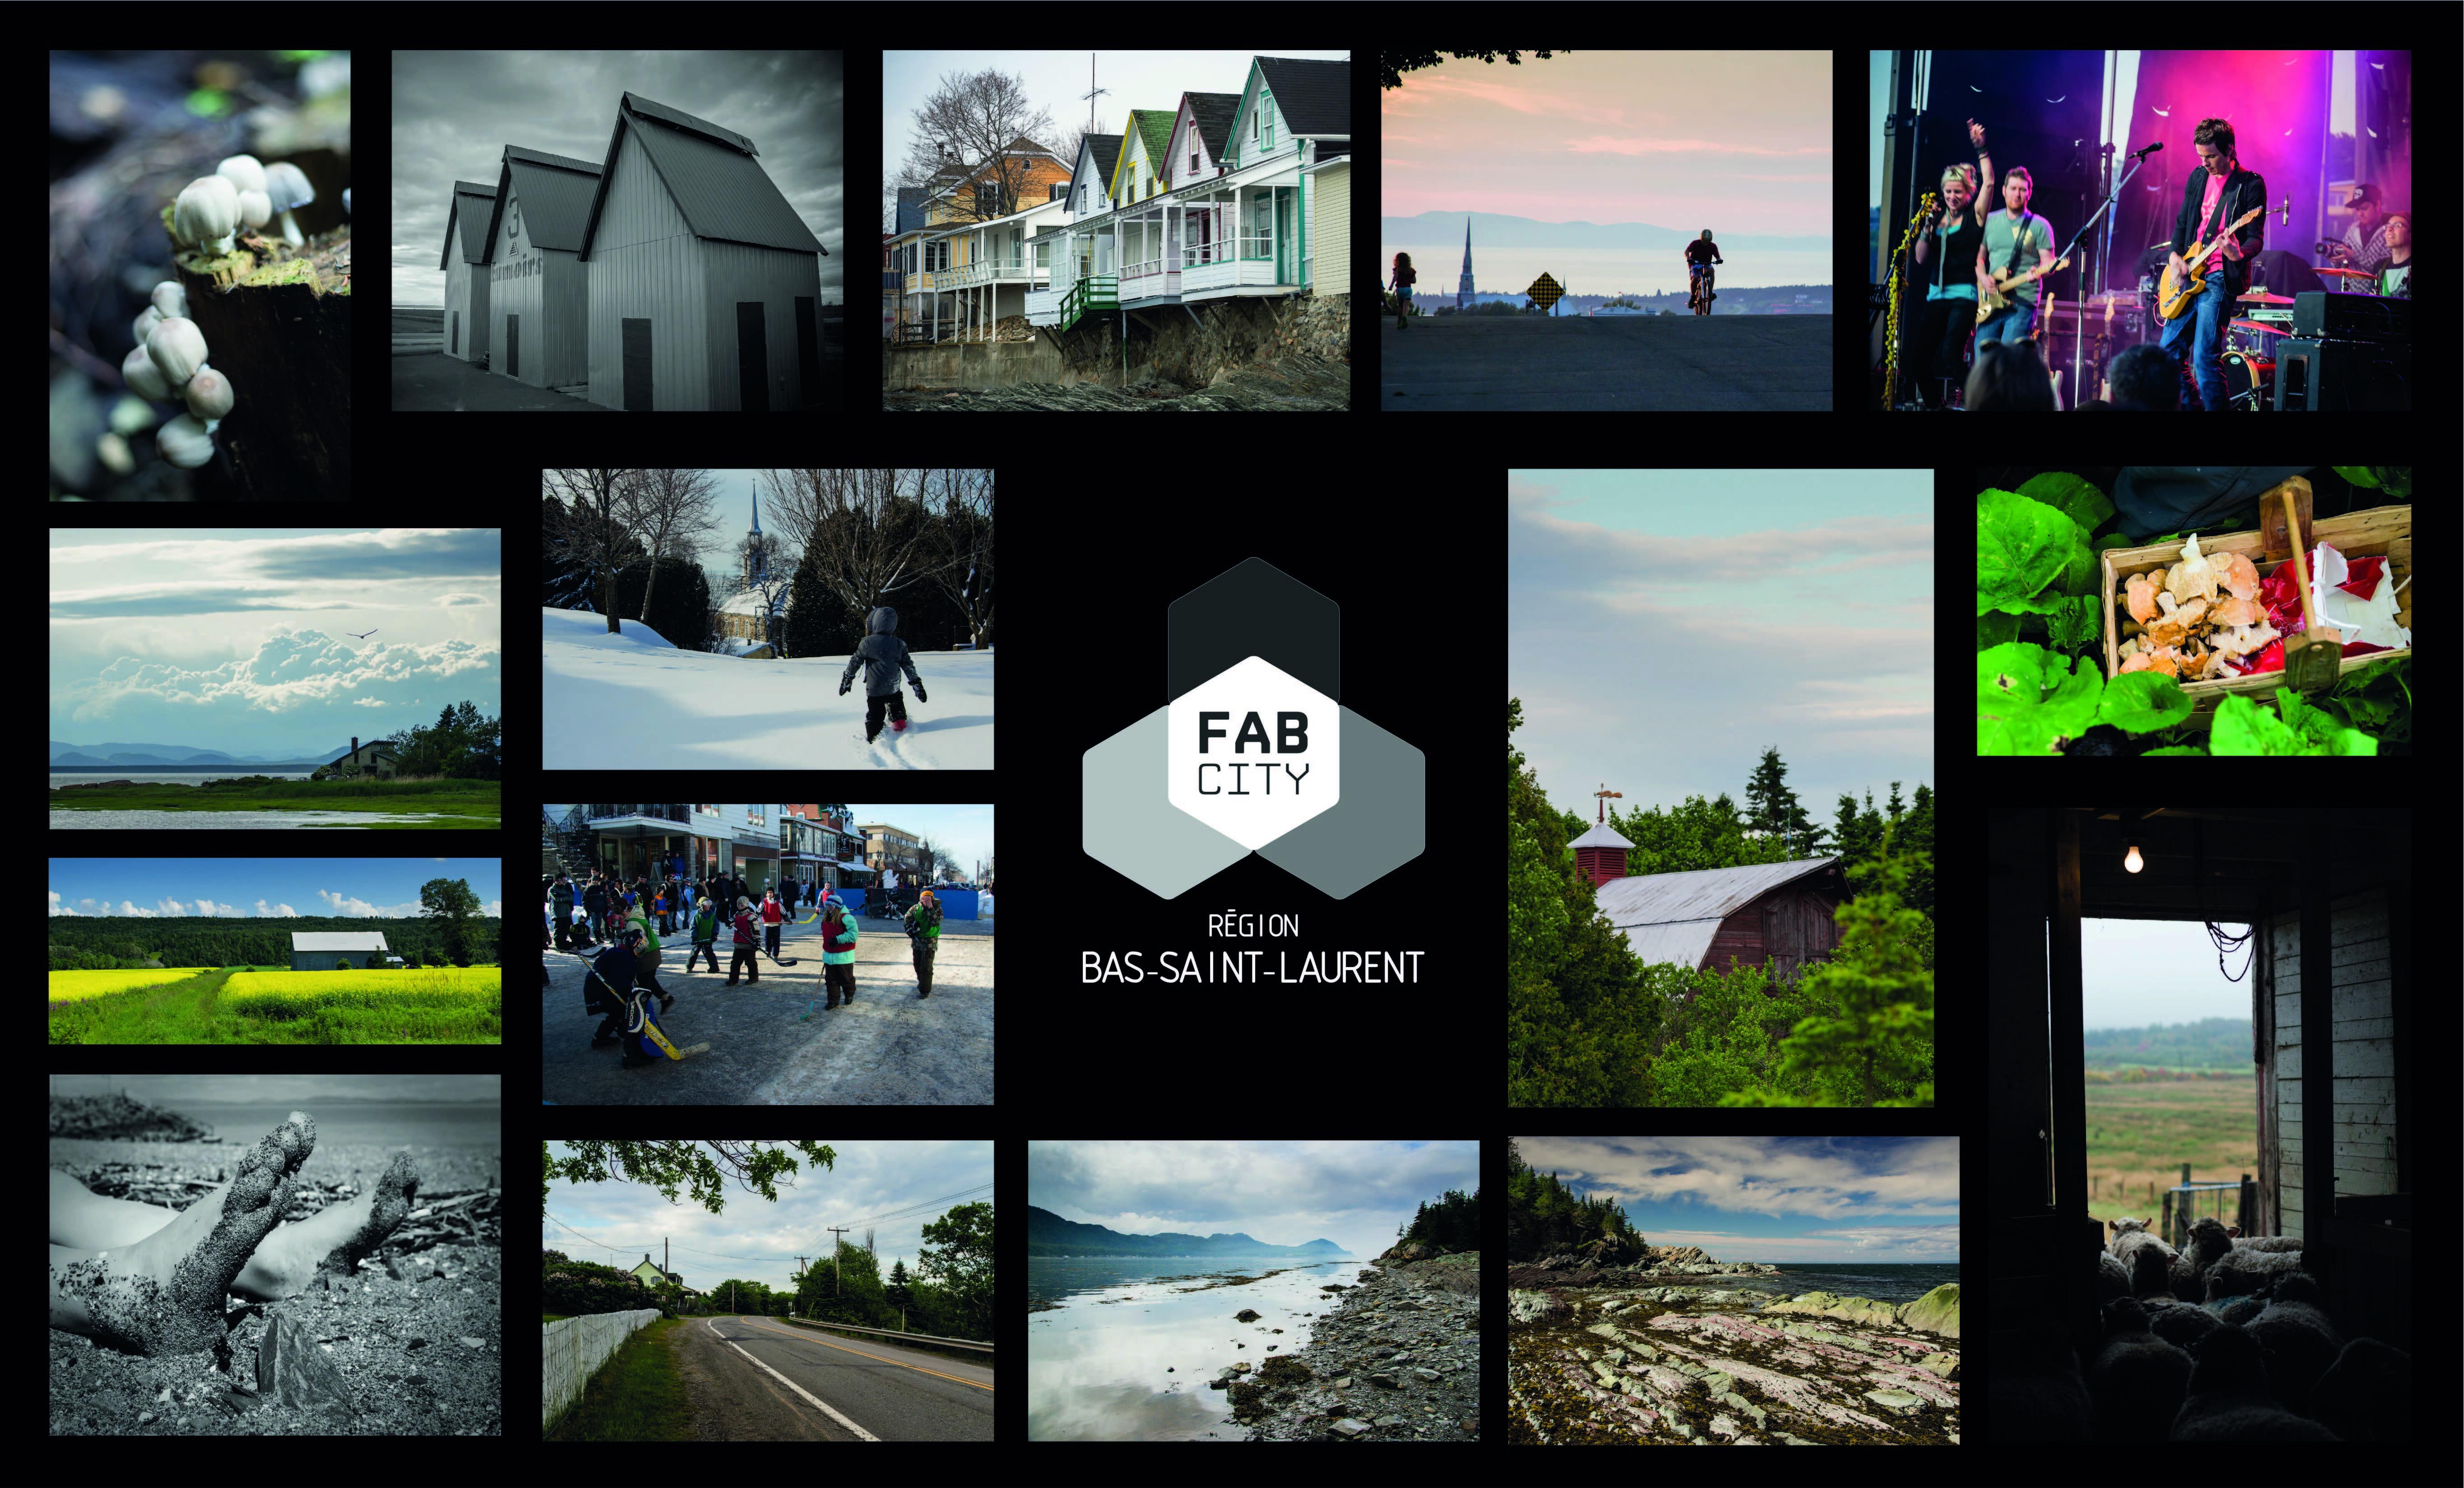 Fabregion BSL vfcs 01